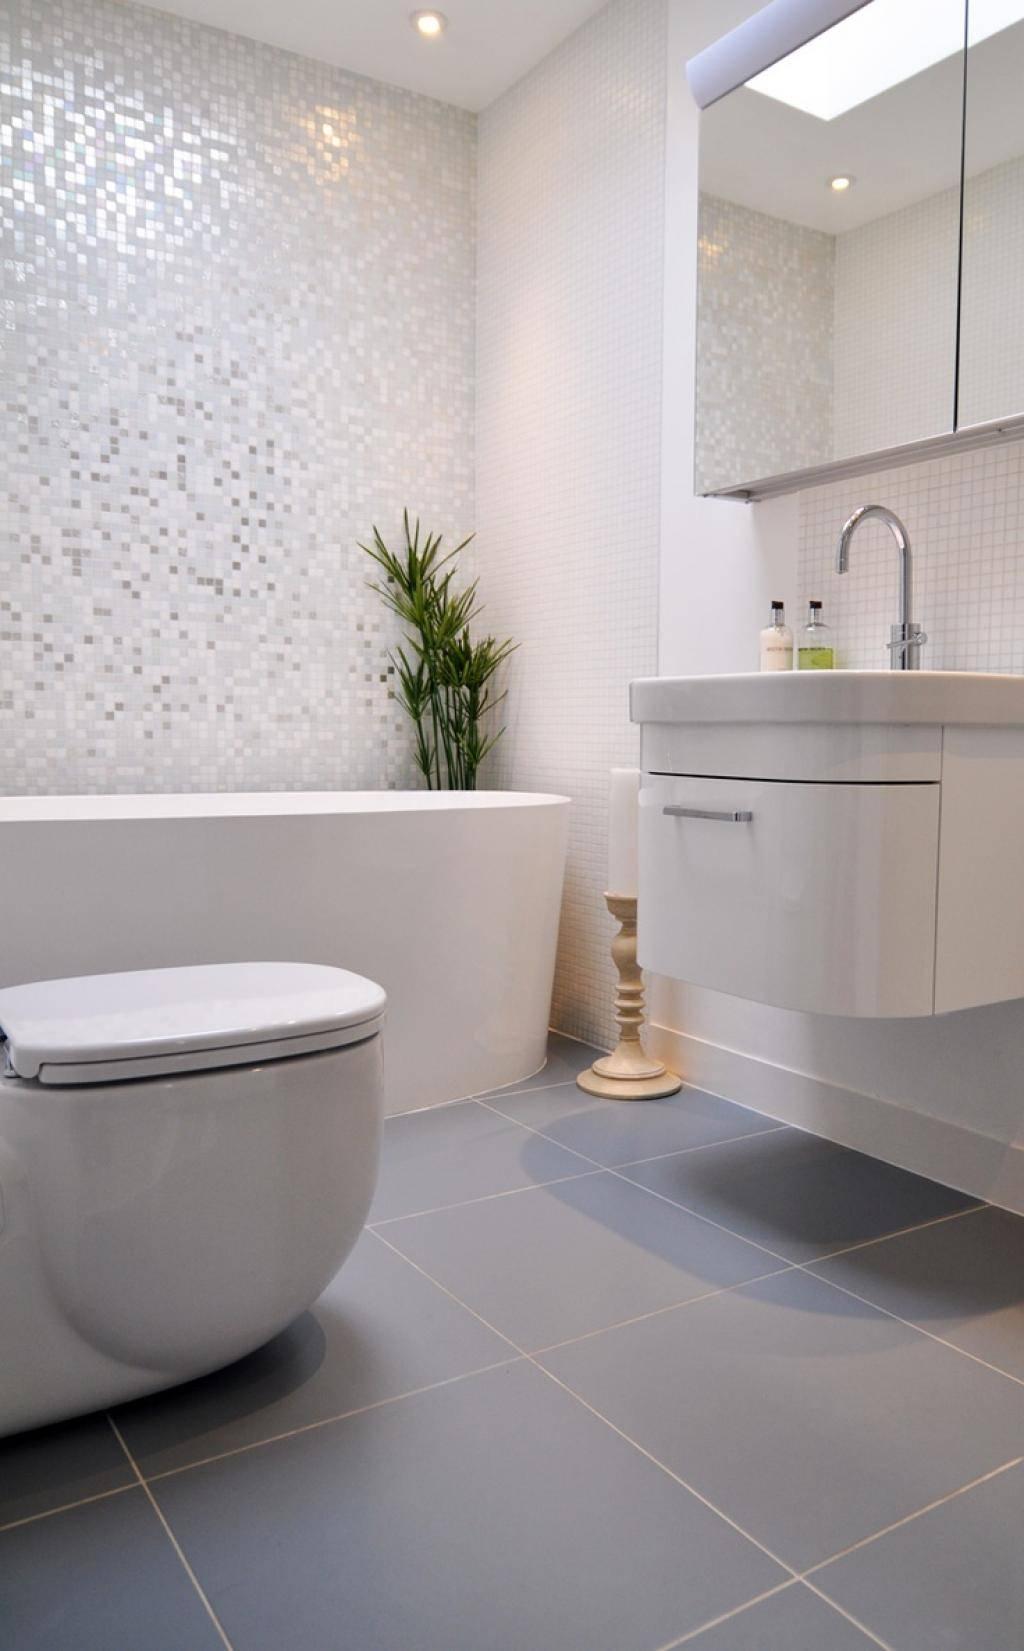 Как выбрать плитку в ванную комнату - подробная инструкция